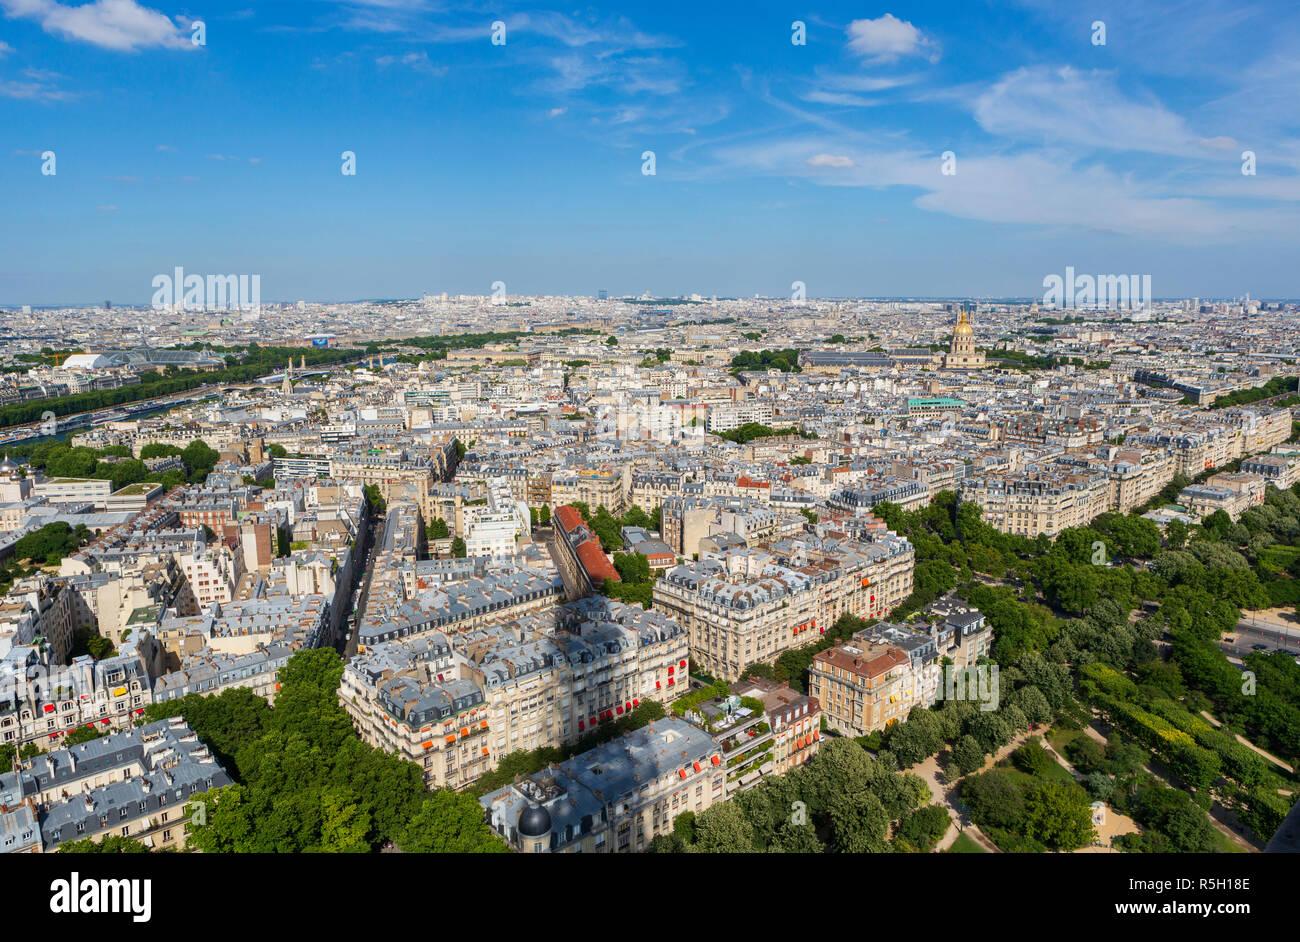 La ciudad de París, Francia, visto desde la Torre Eiffel. Foto de stock